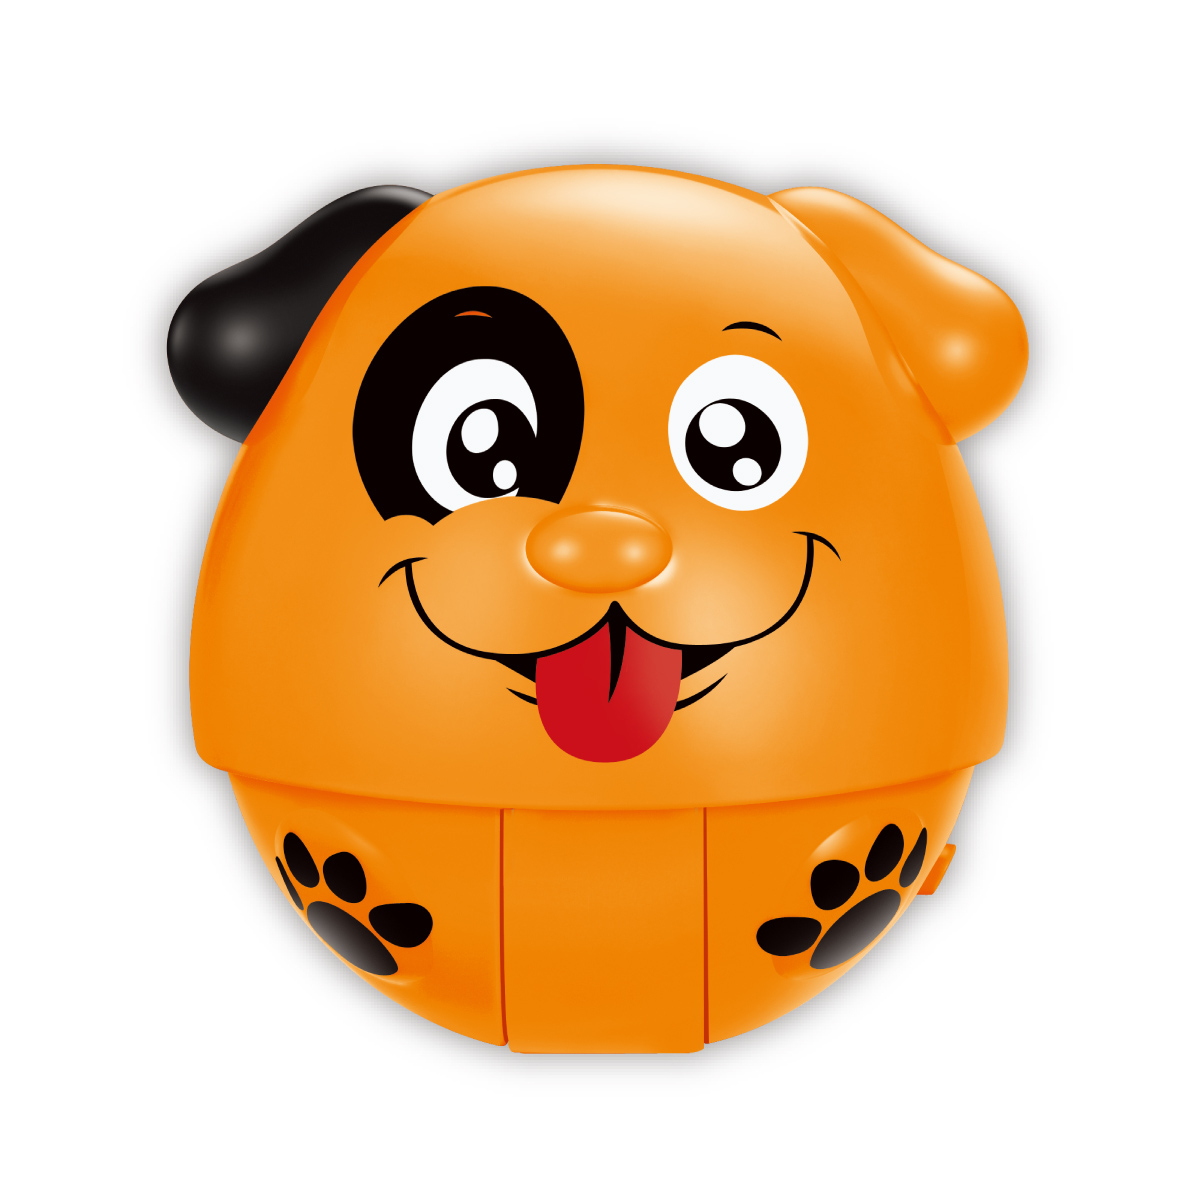 Развивающая игрушка Ути Пути Собачка Хохотушка покатушка игрушка stellar игрушка покатушка собачка 01394